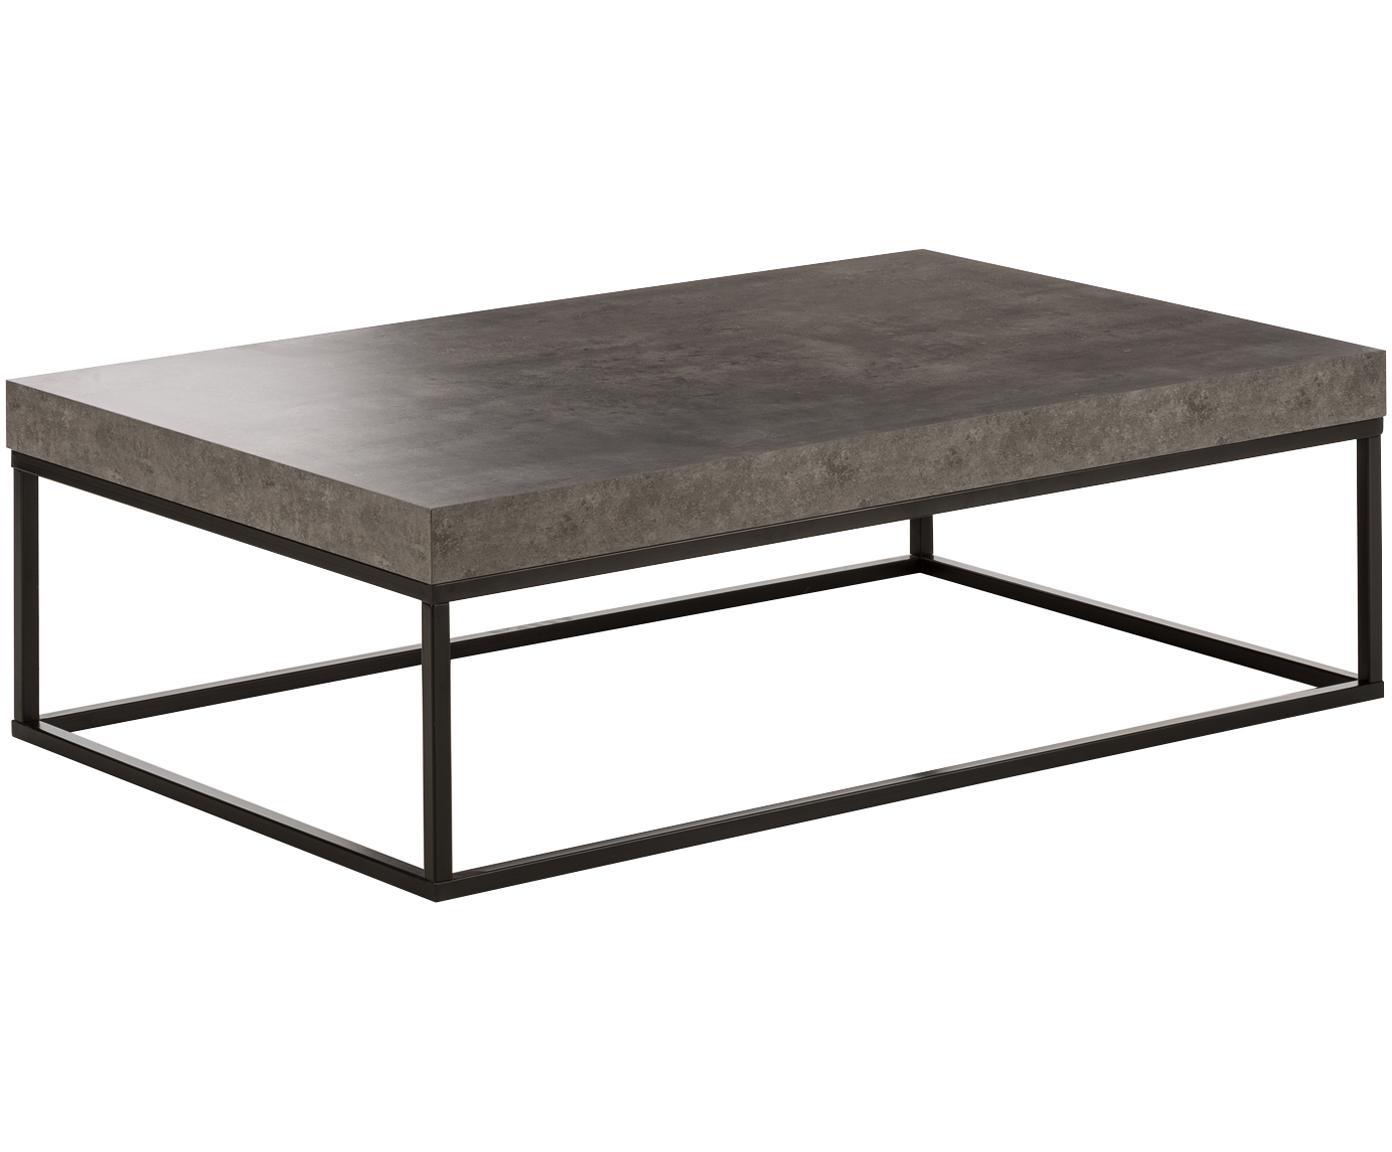 Salontafel Ellis in betonlook, Zwart, betonkleurig, B 120 x D 75 cm